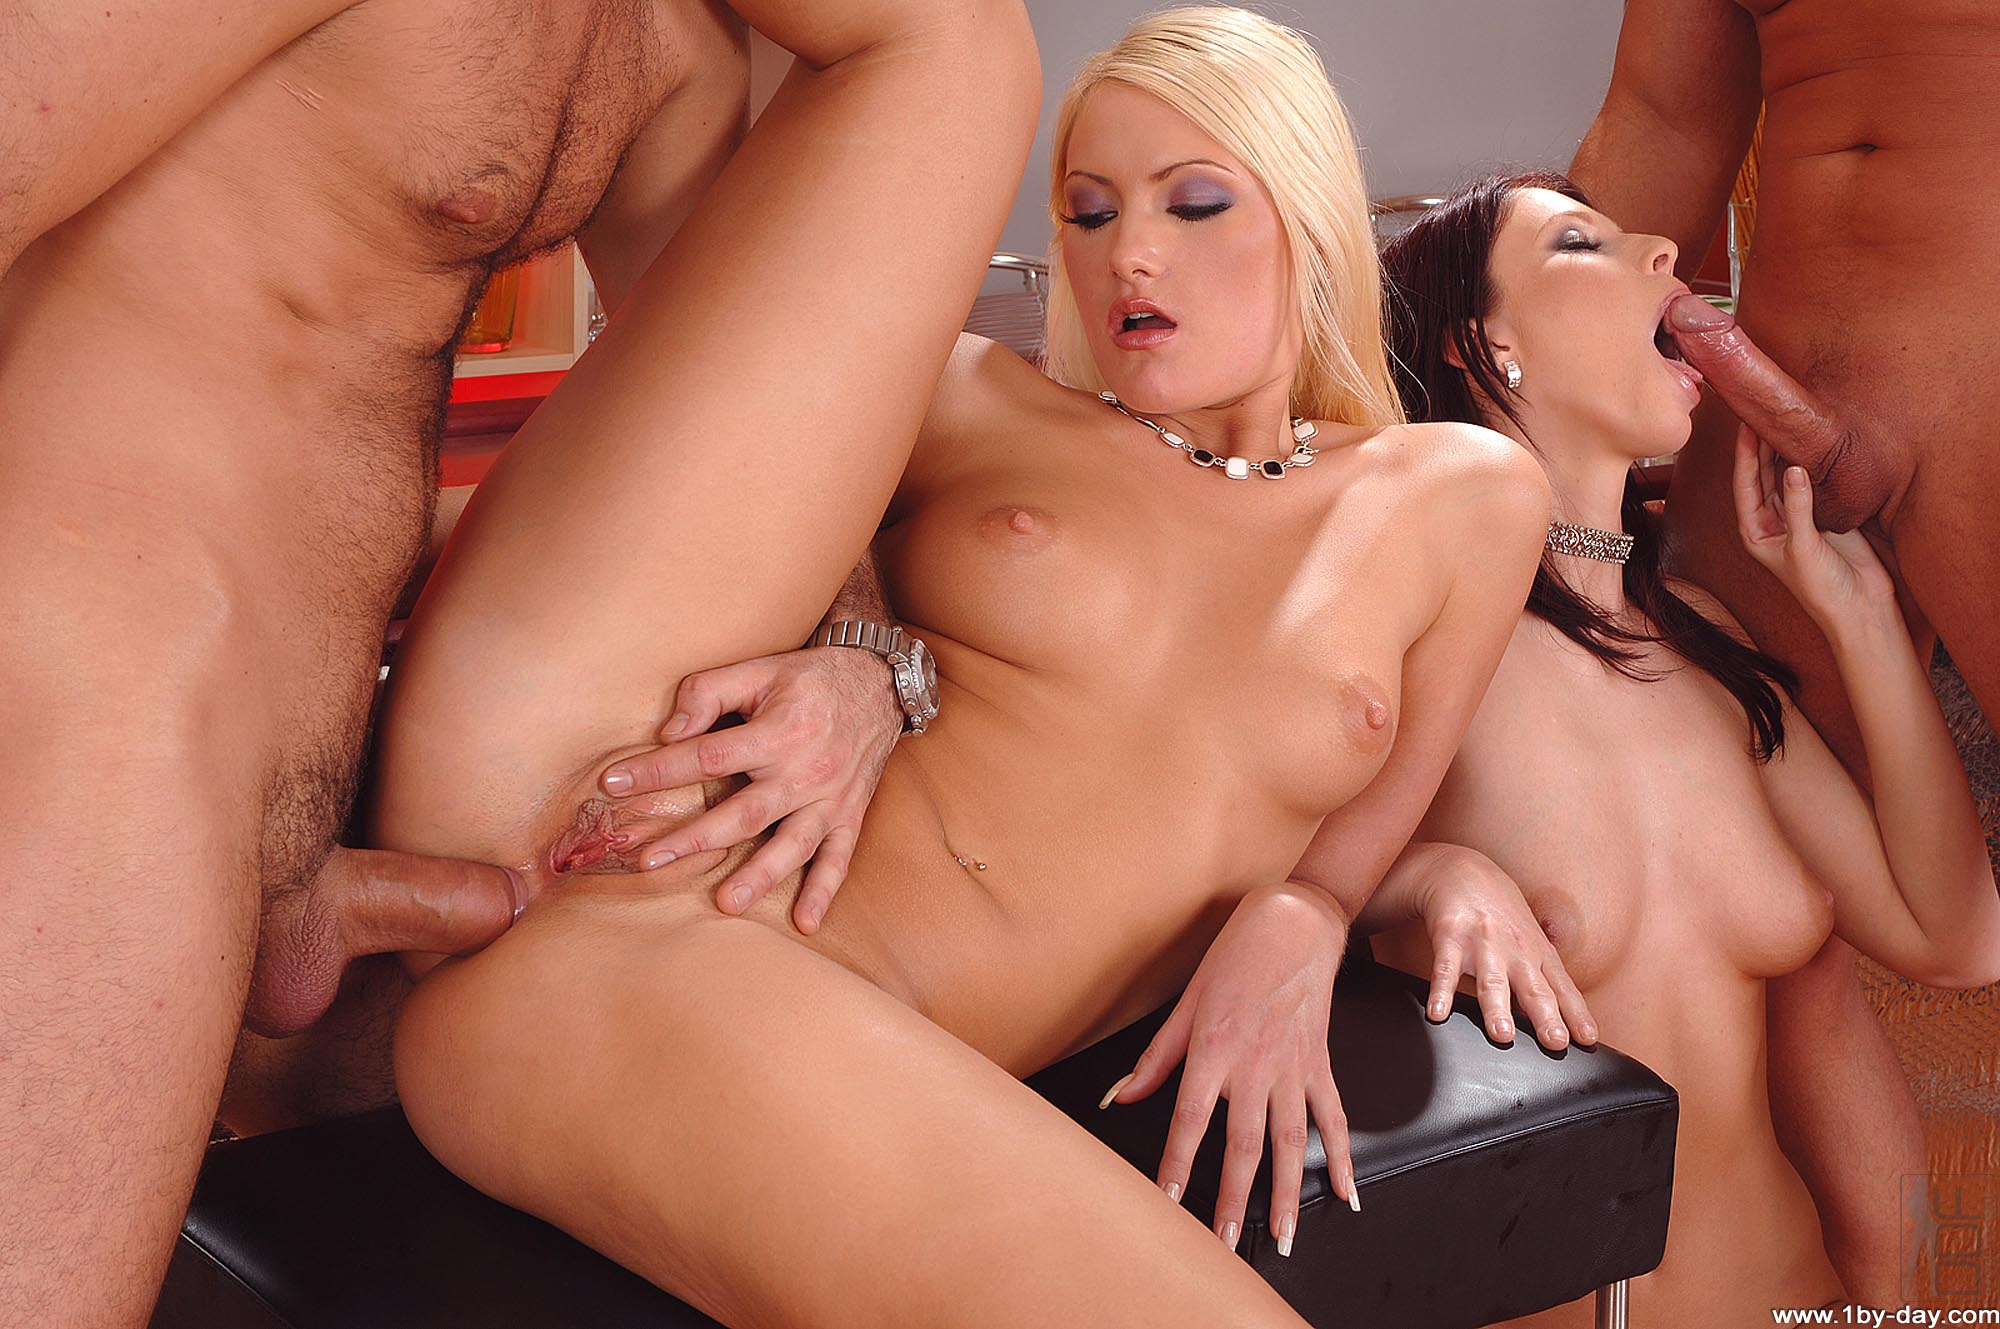 Смотреть порно лезбиянки инцест онлайн бесплатно 12 фотография